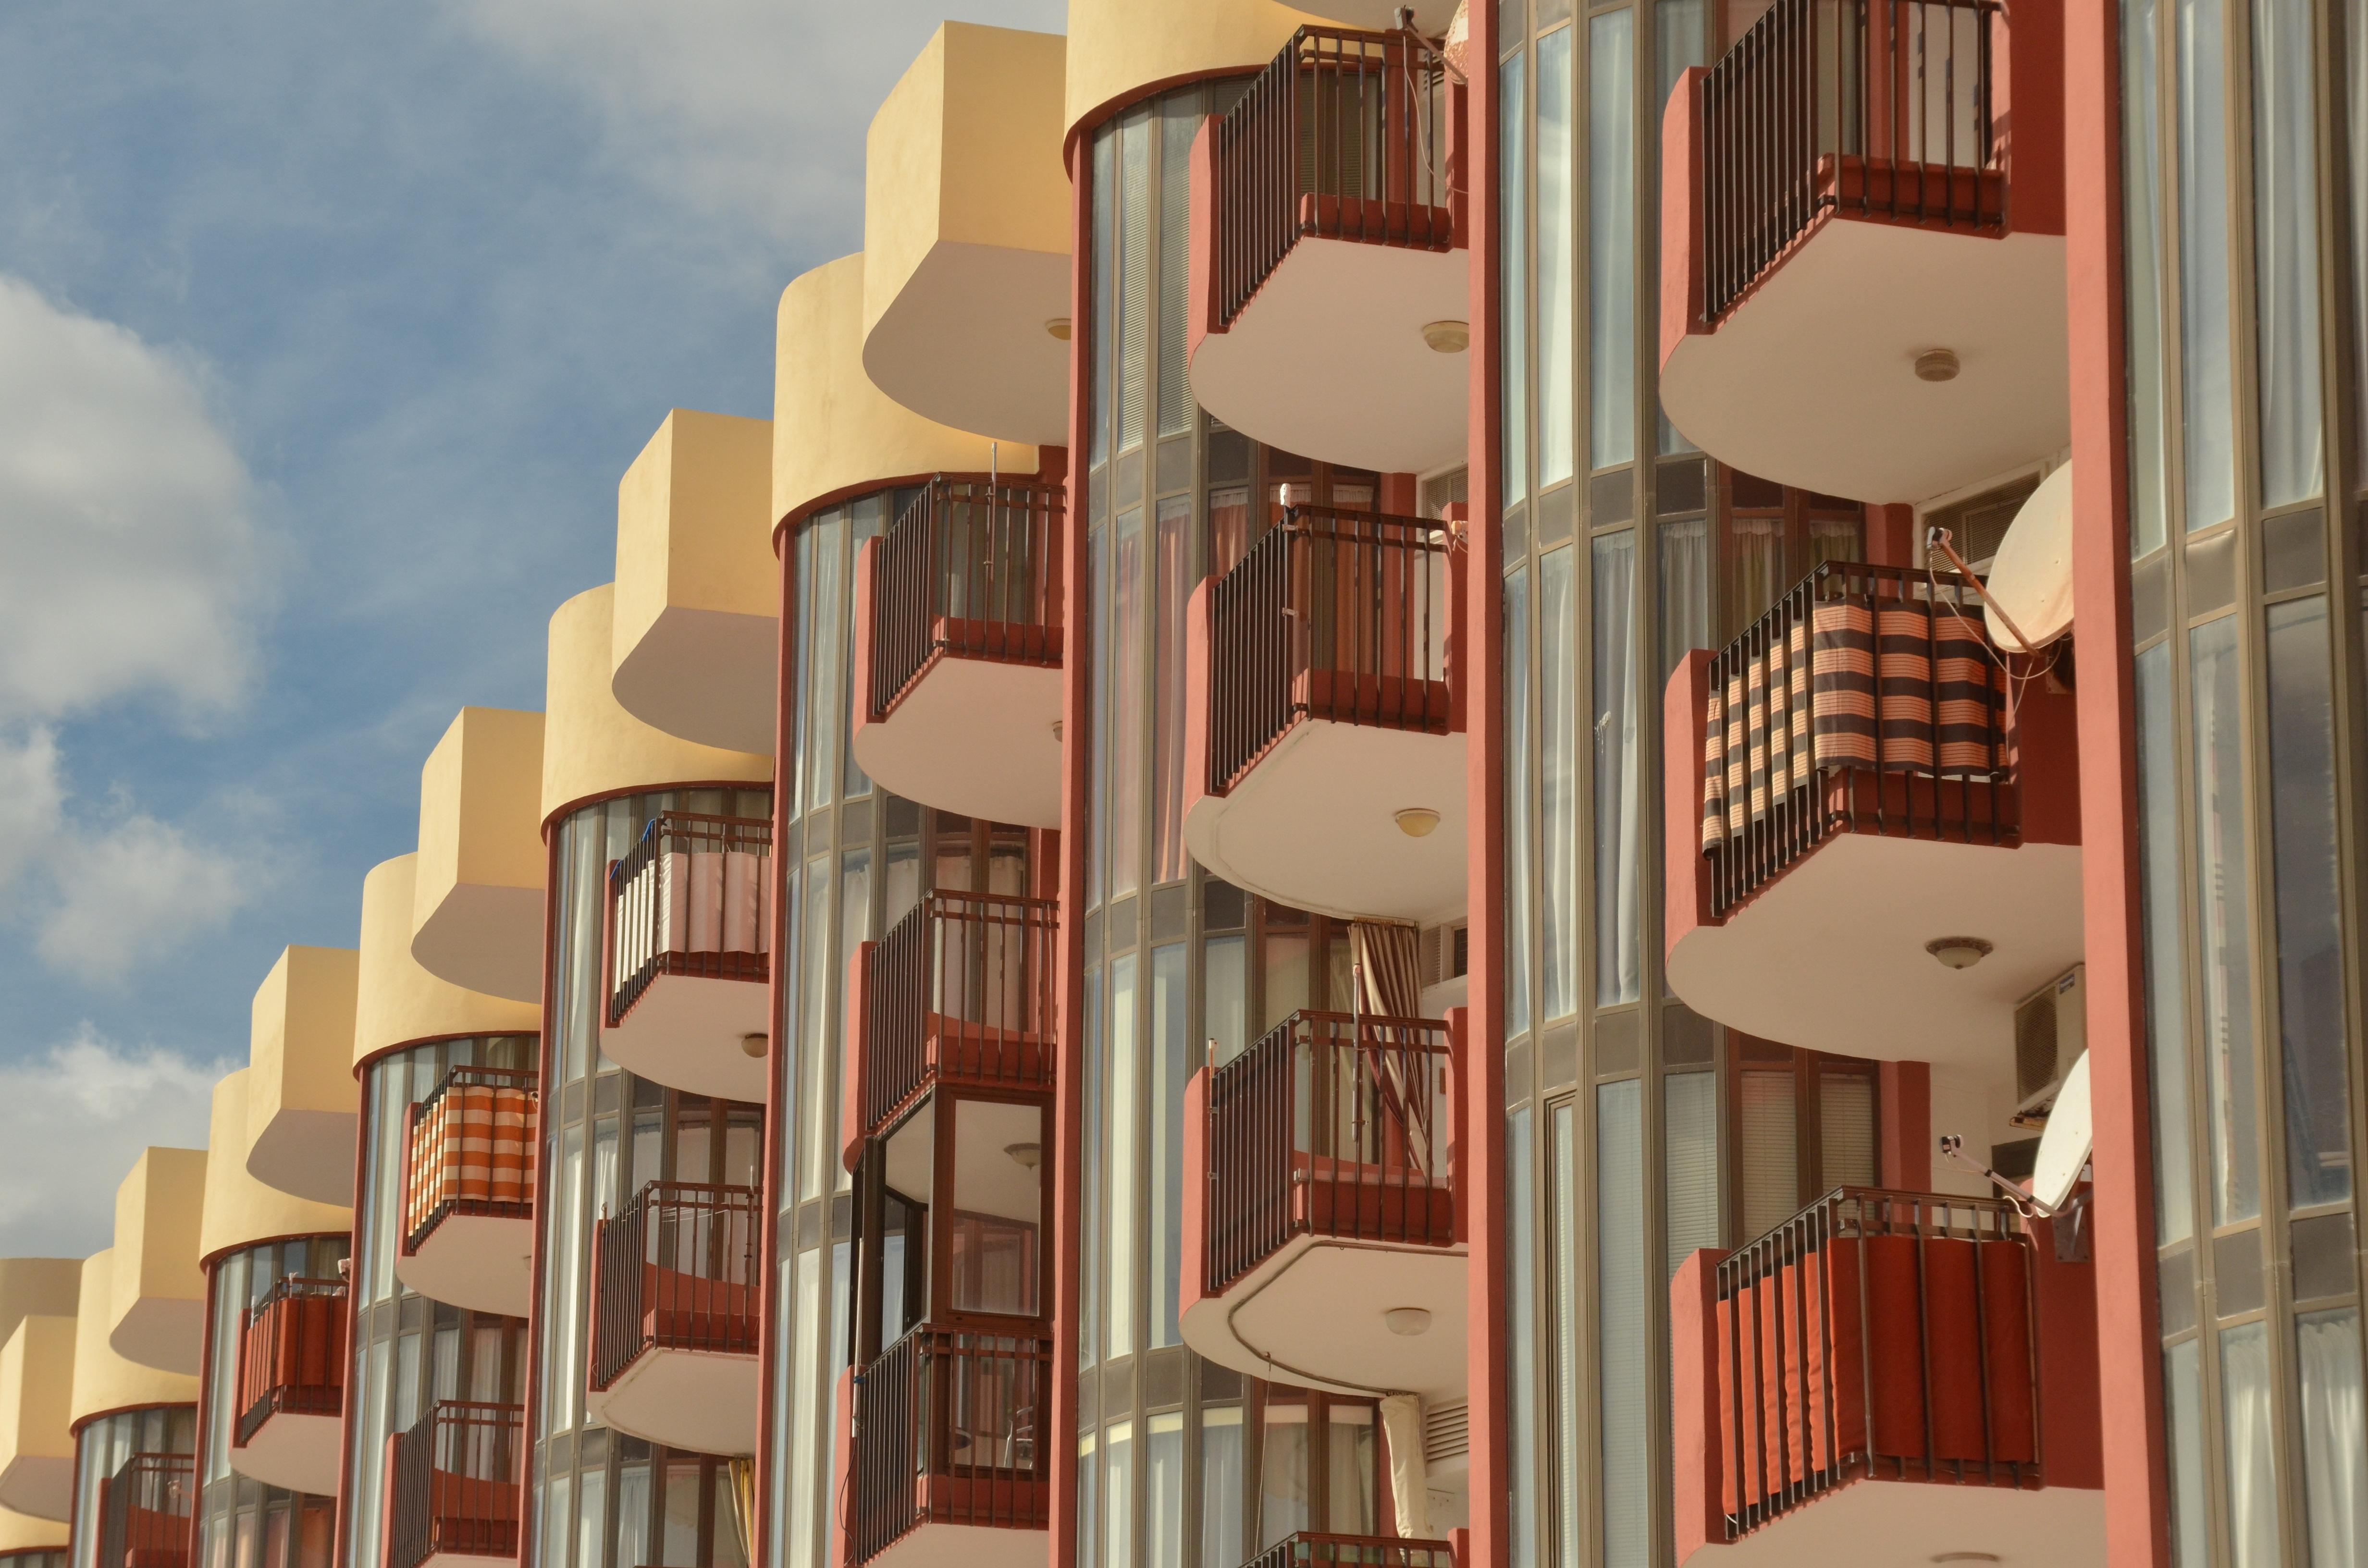 Fotos gratis arquitectura madera casa balc n fachada for Diseno de interiores espana